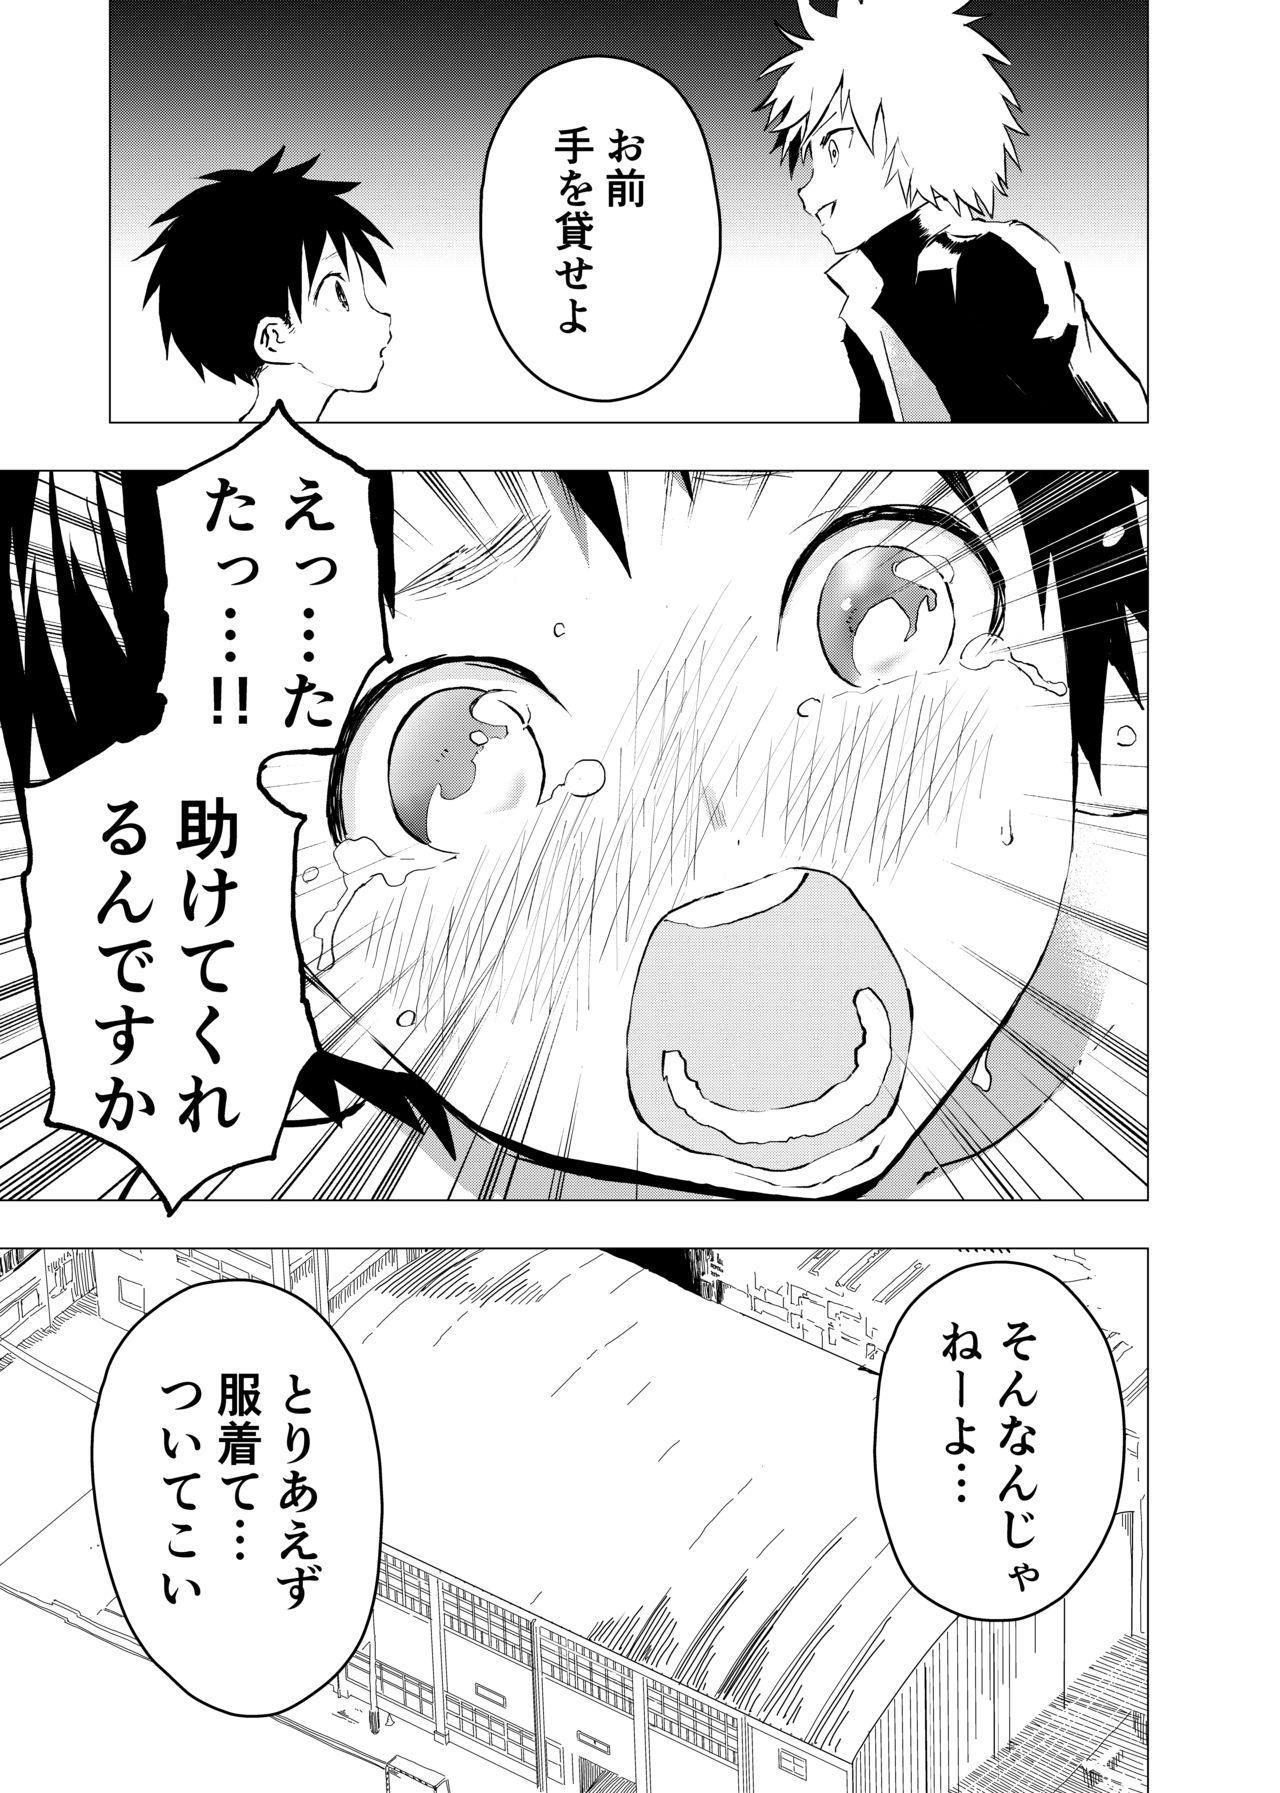 Ibasho ga Nainode Kami-machi Shite Mita Suterareta Shounen no Eromanga 14